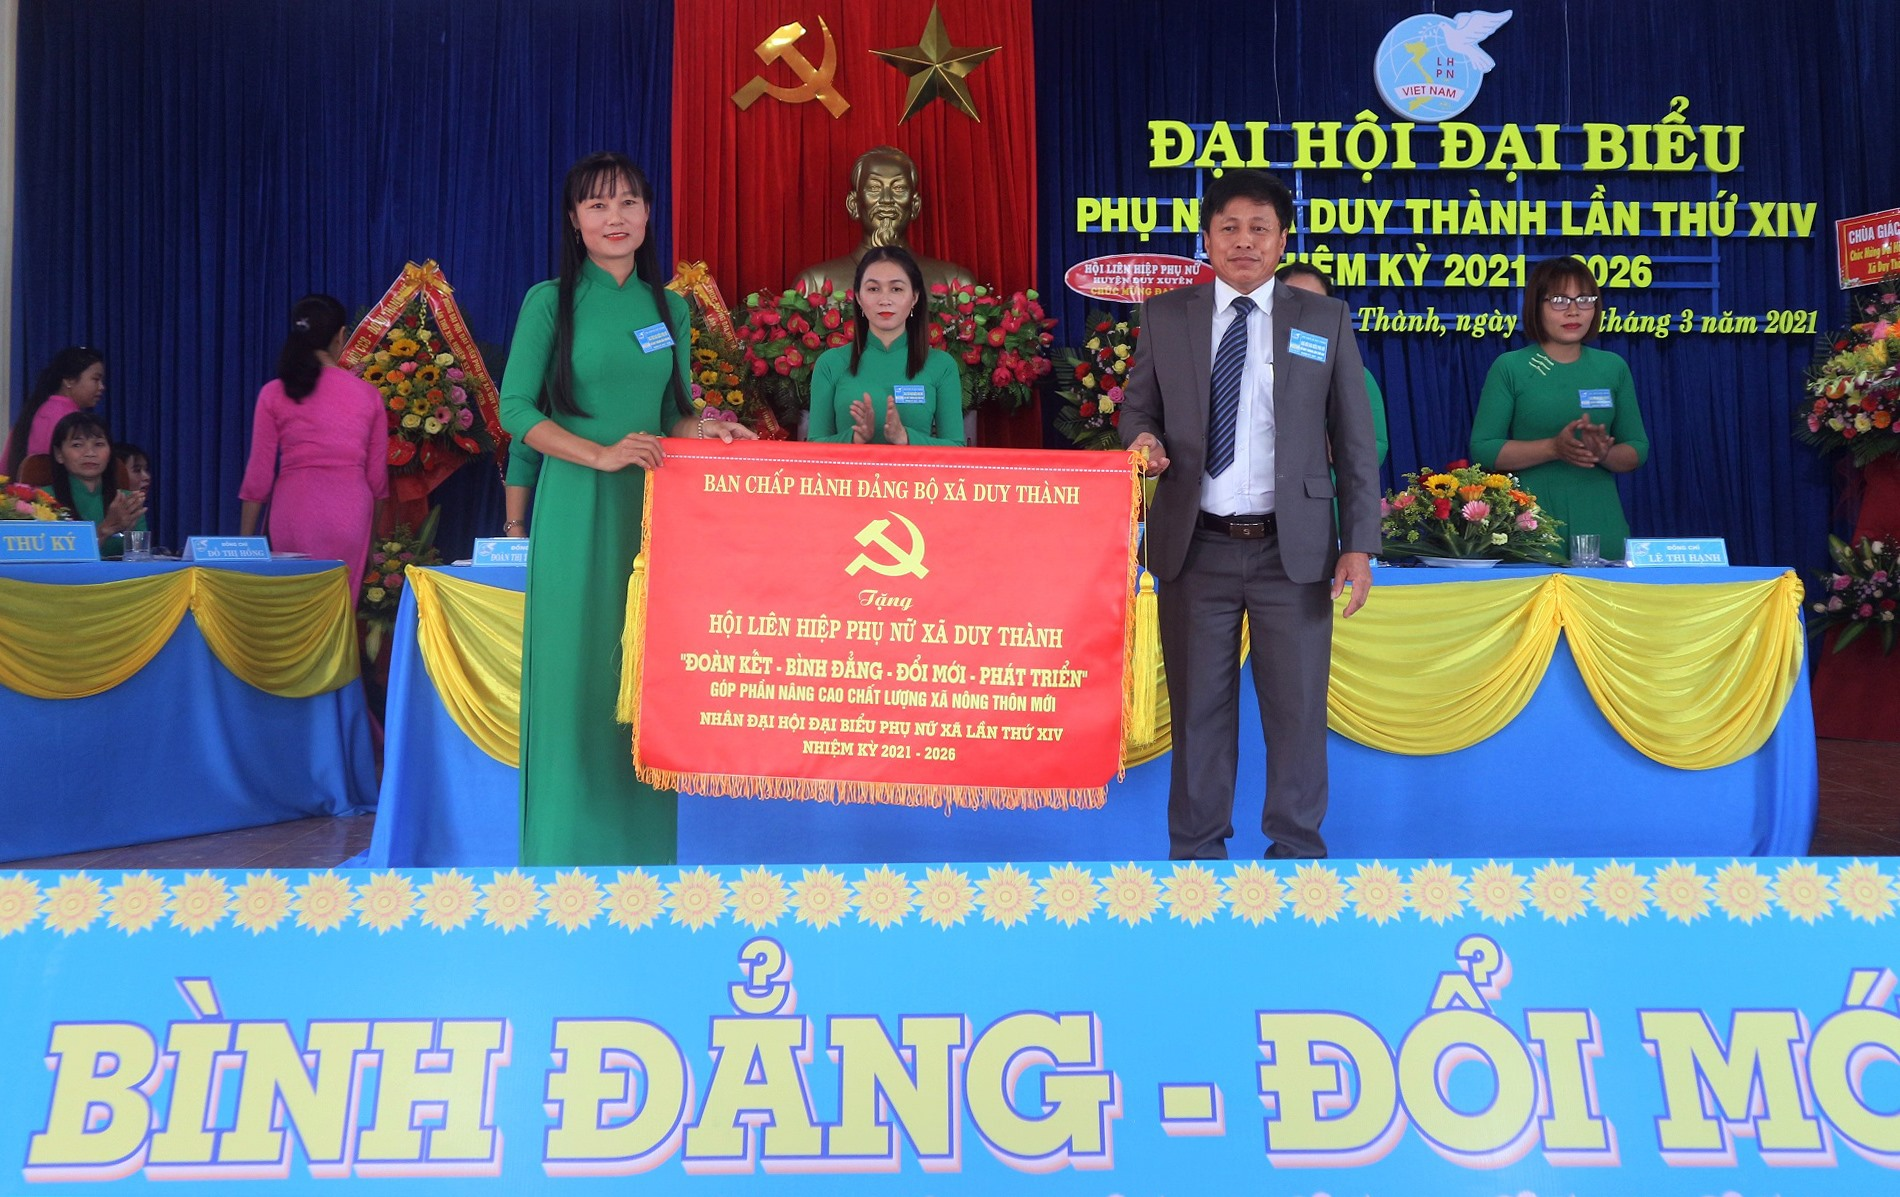 Đảng ủy xã Duy Thành tặng Hội LHPN xã bức trướng chúc mừng đại hội.